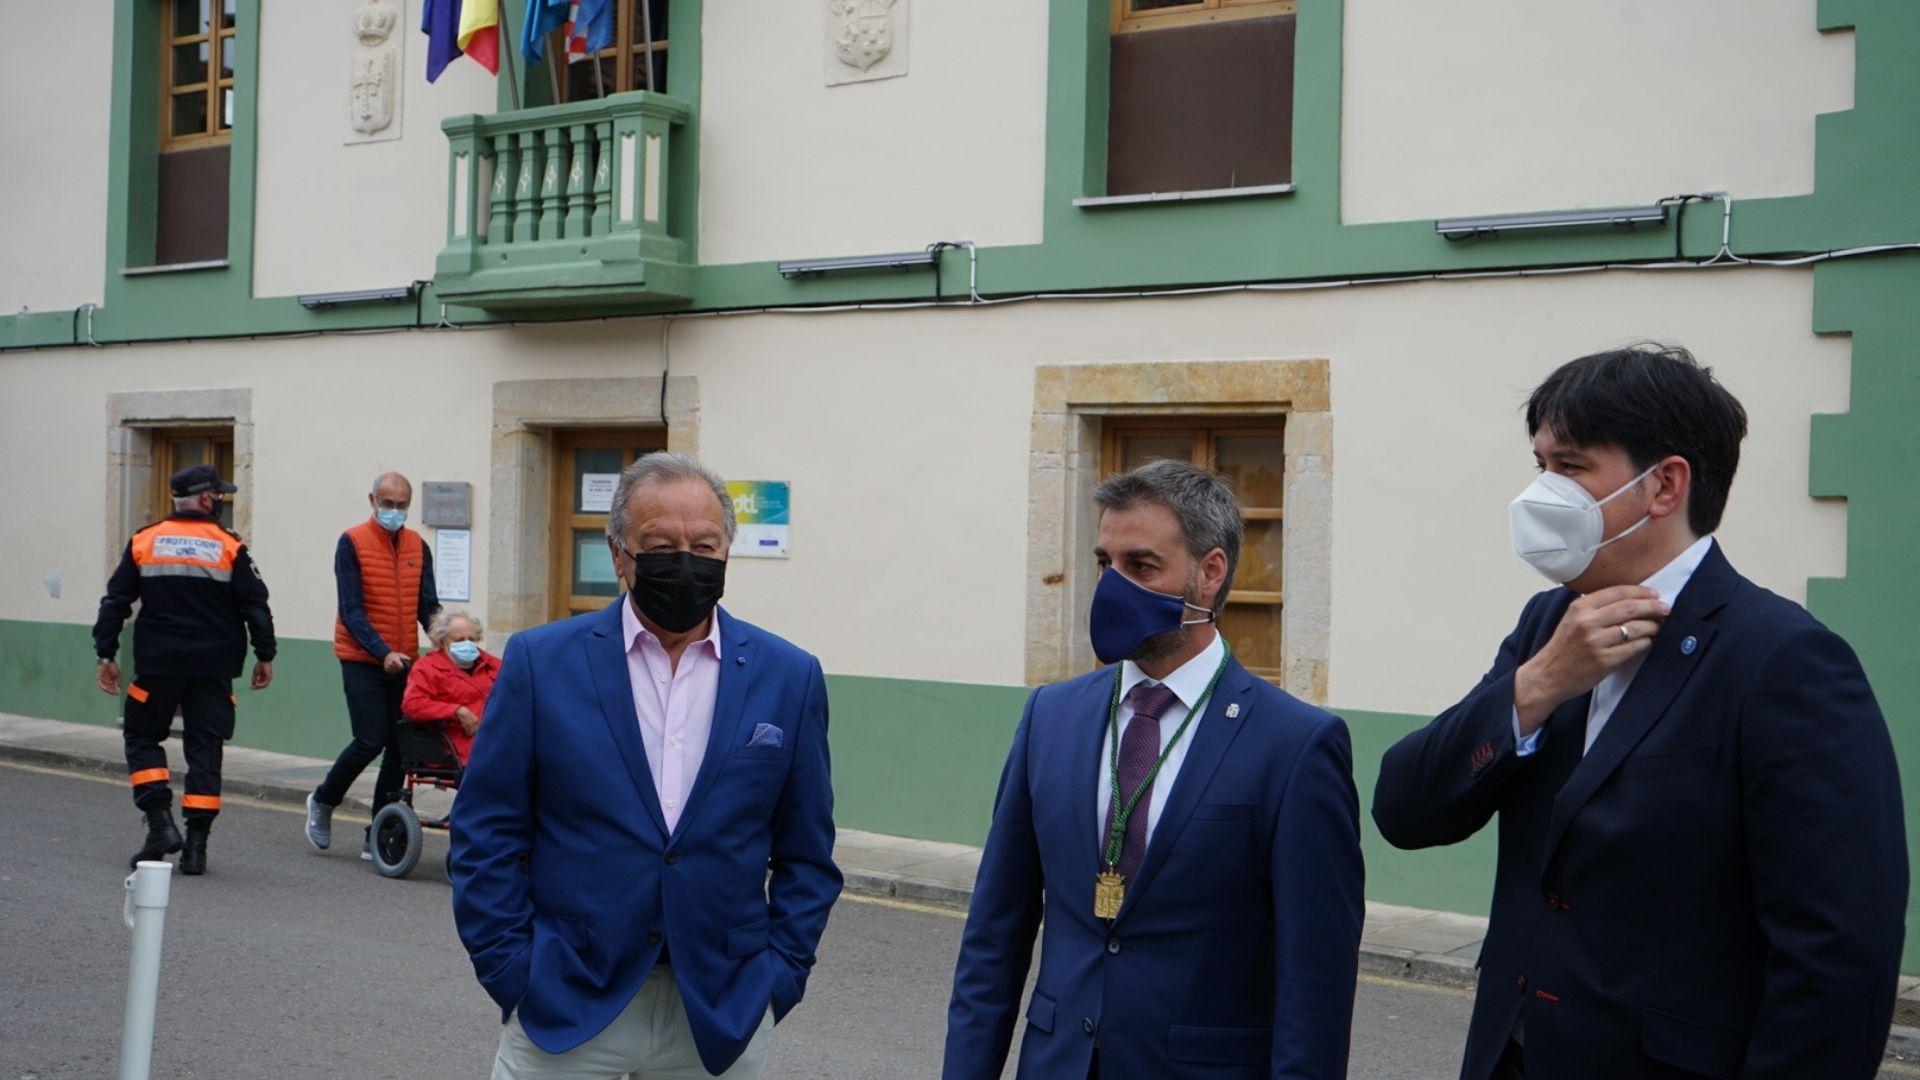 El Grupo Lence coloca en el mercado las marcas Leyma y Río de Galicia